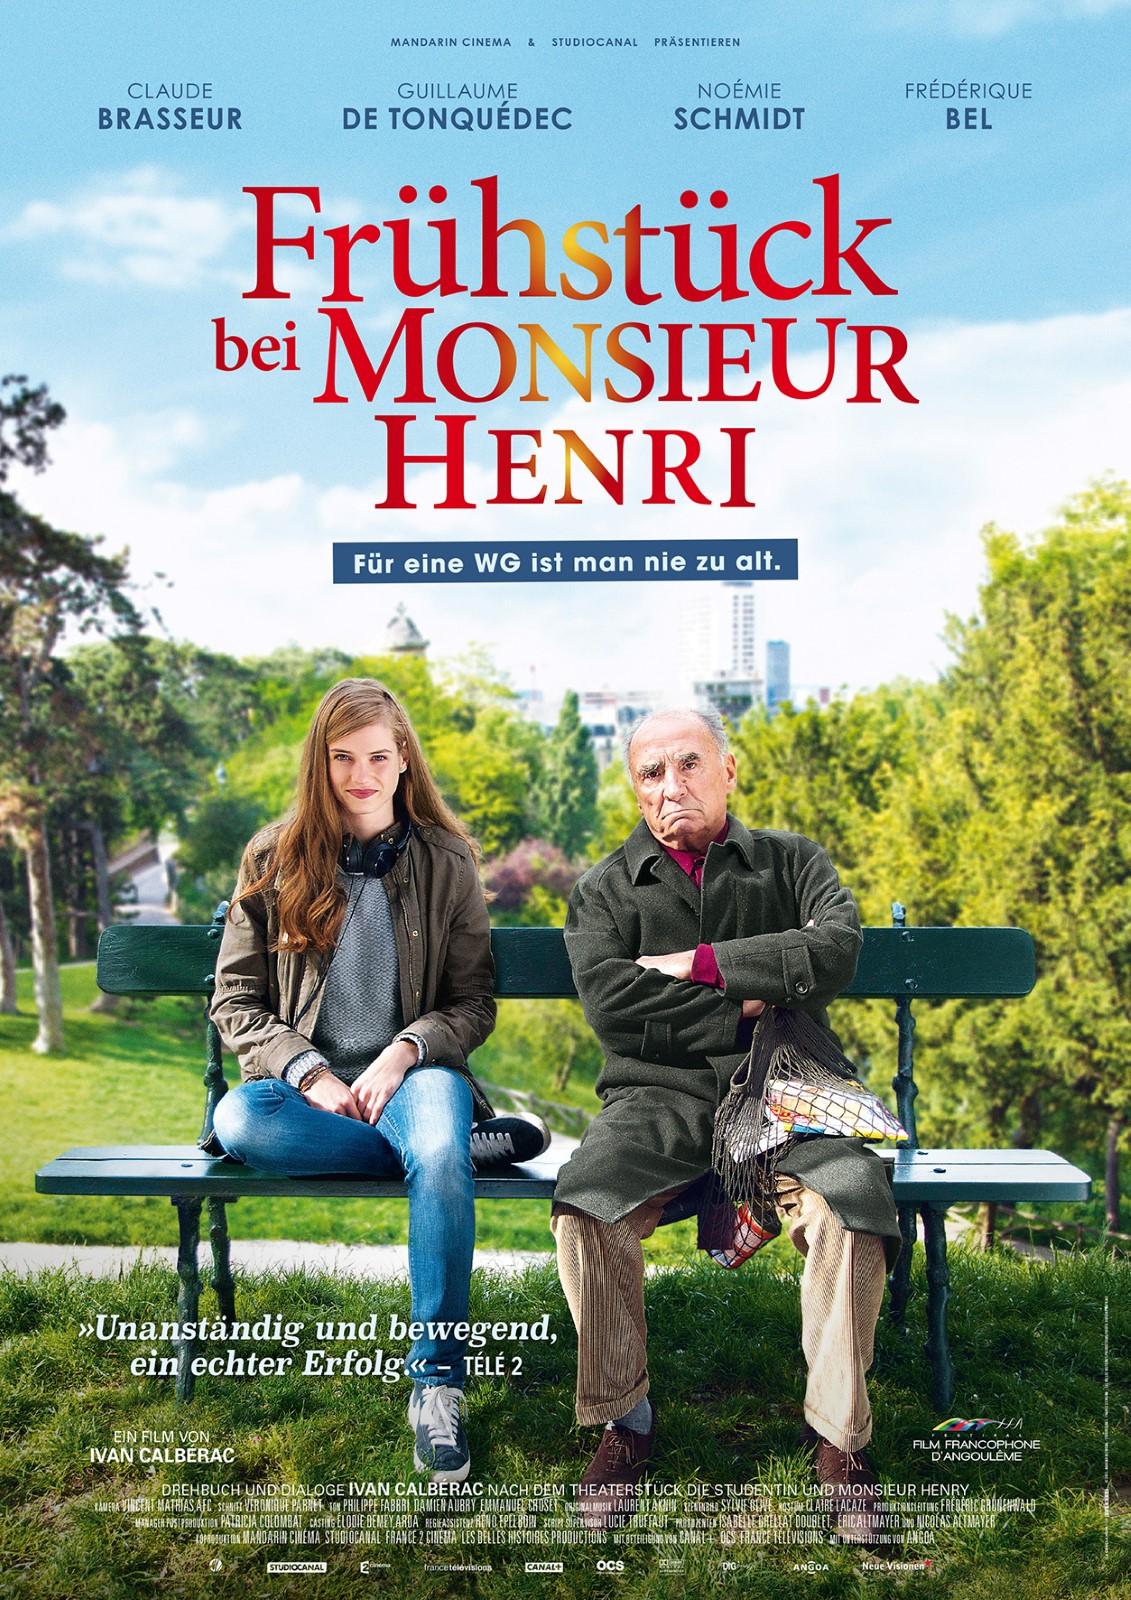 frГјhstГјck mit monsieur henri